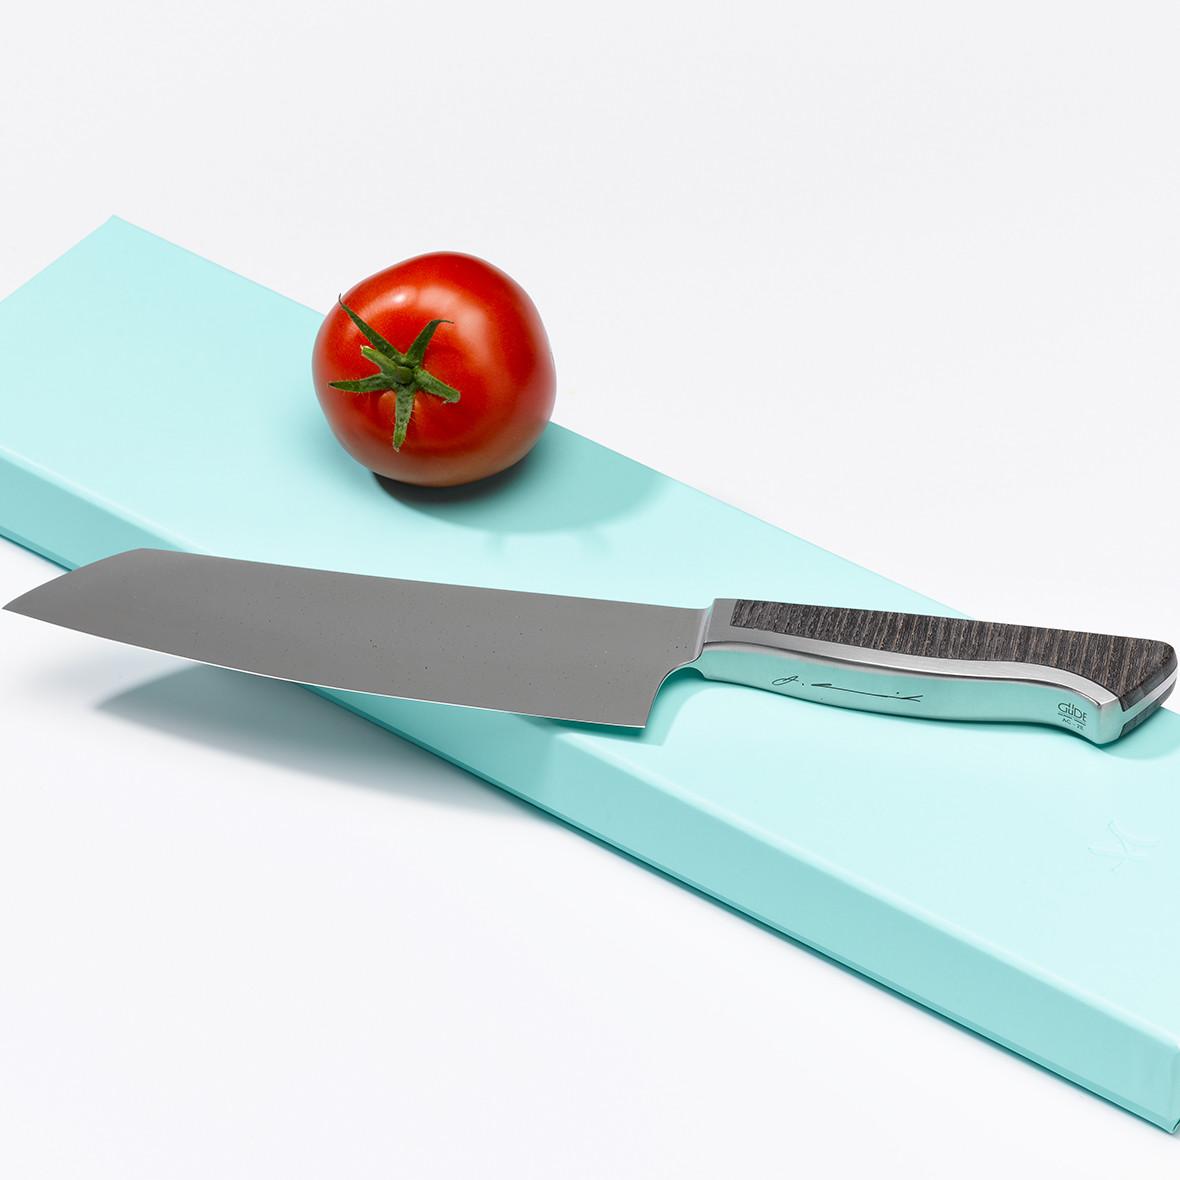 Caminada Santoku Esche von Welt der Messer